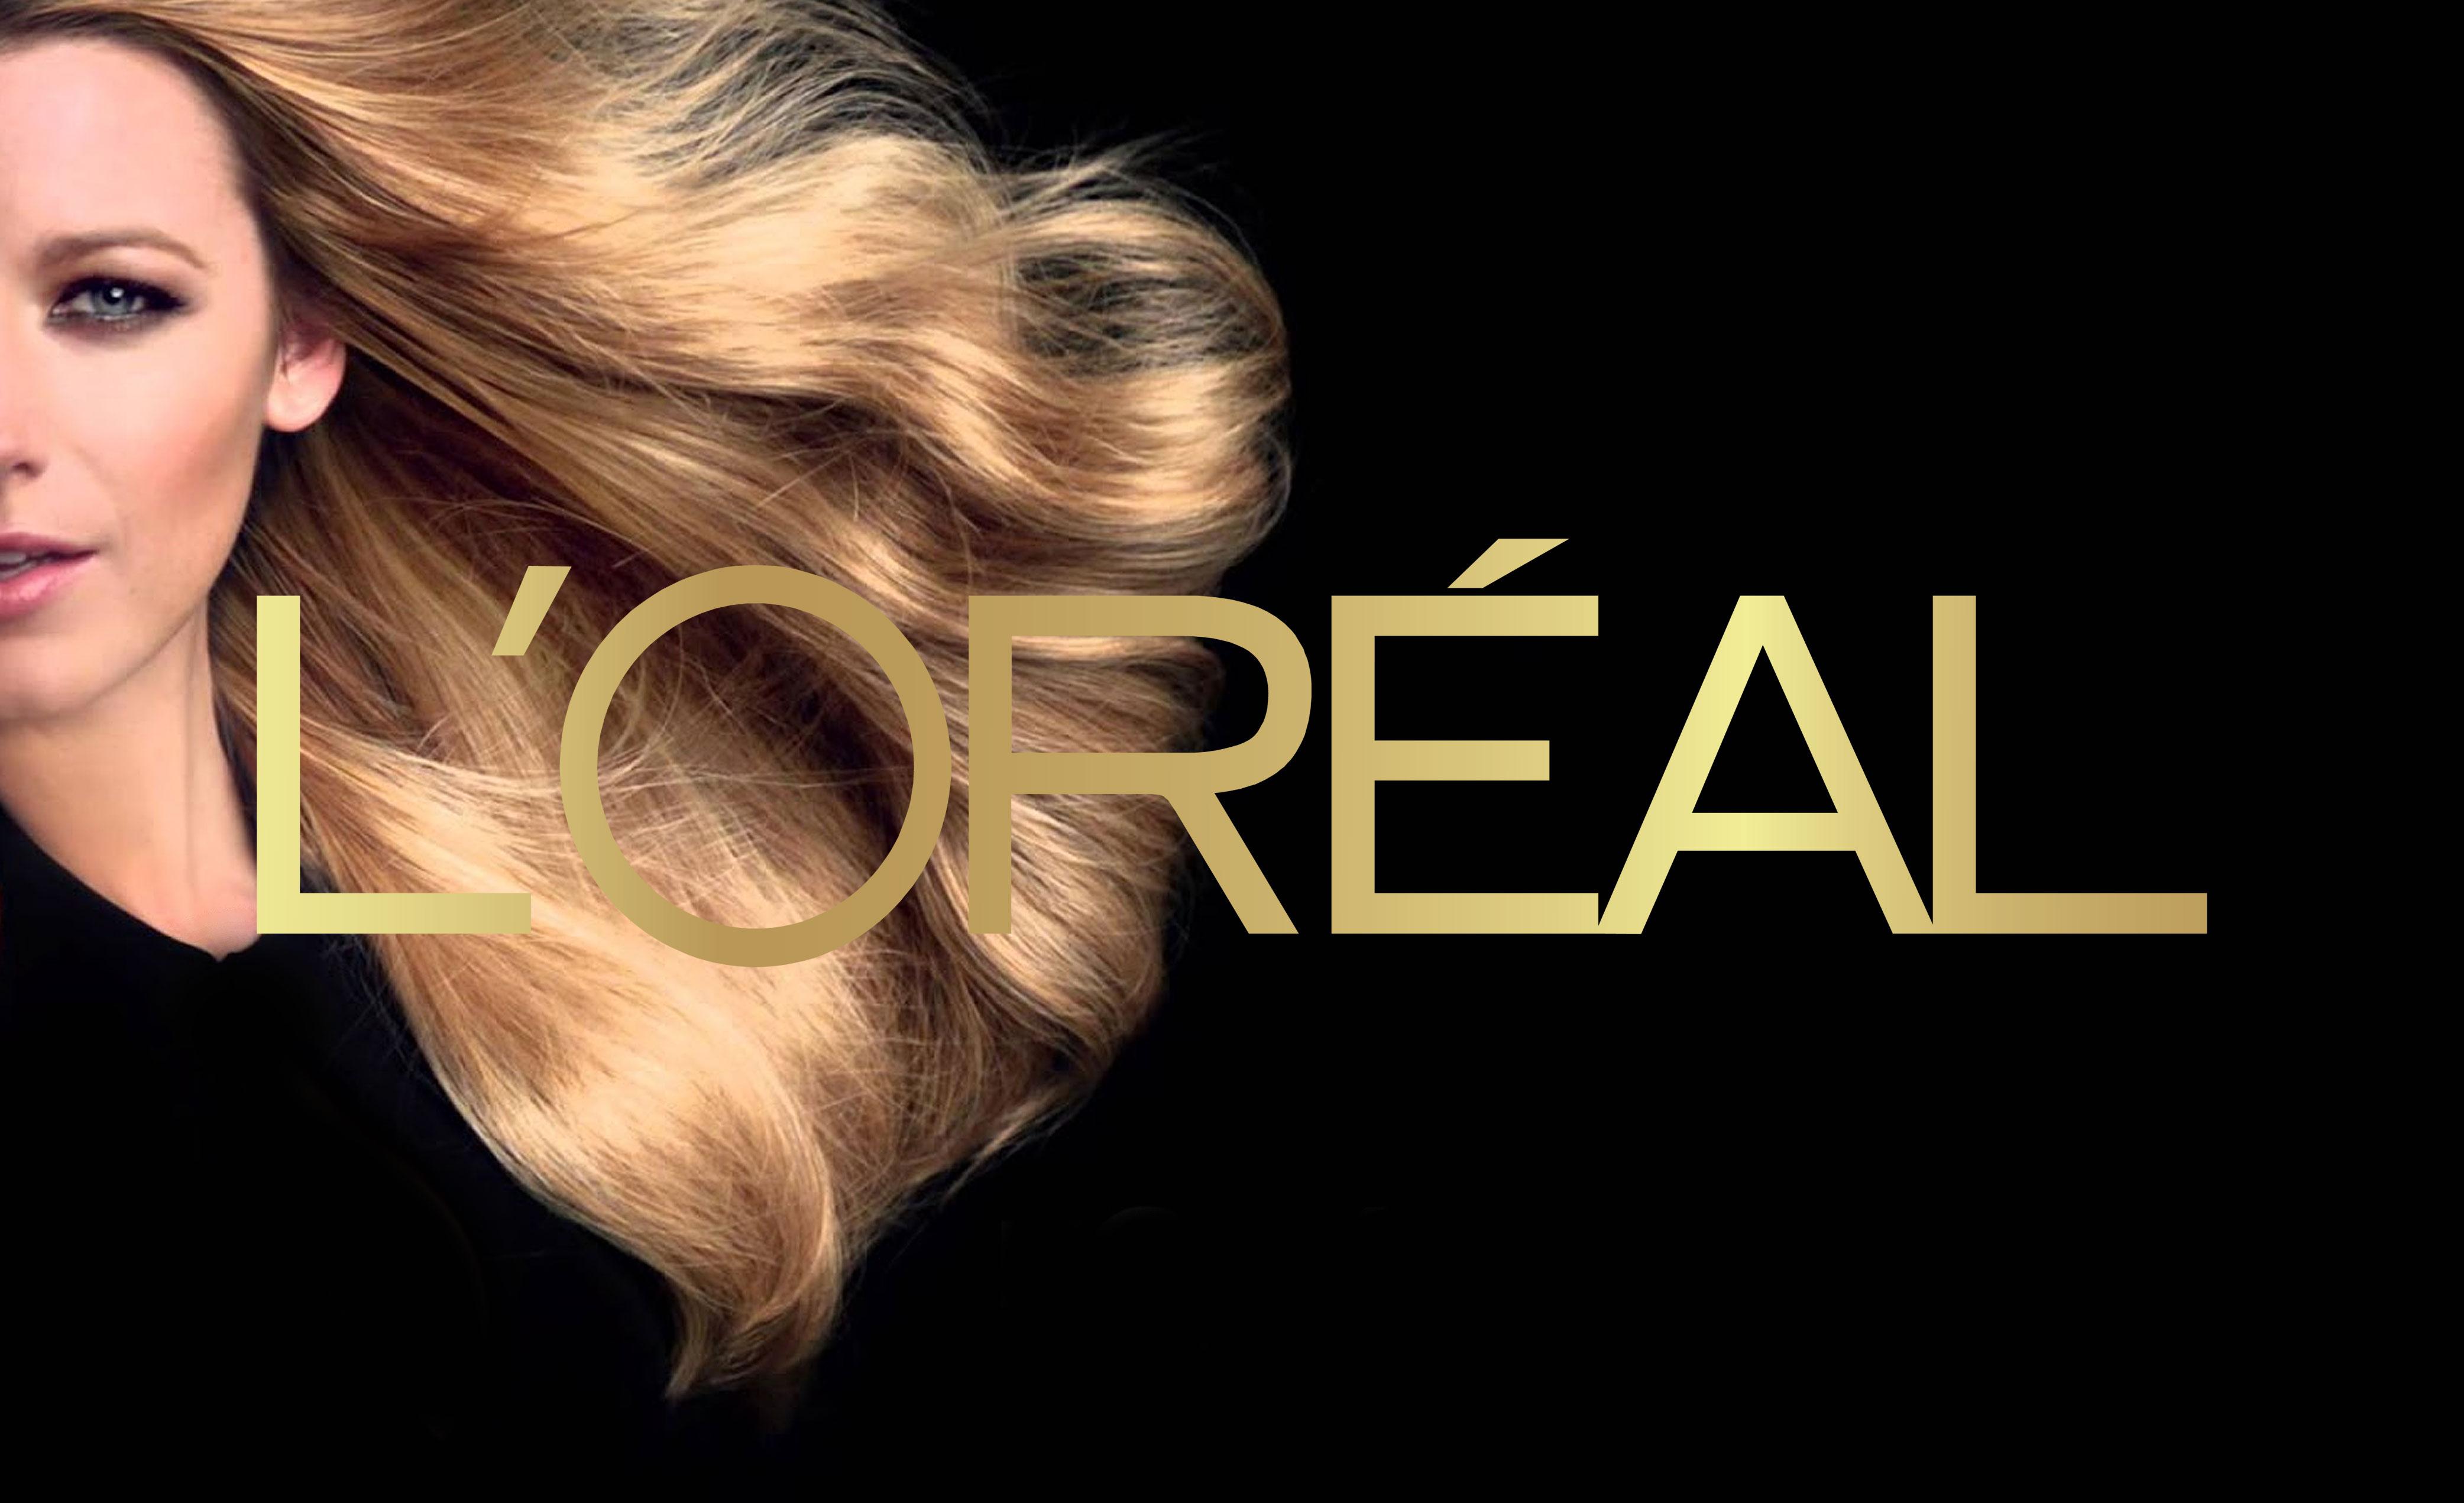 L'Oreal: la bellezza che vince ogni moda